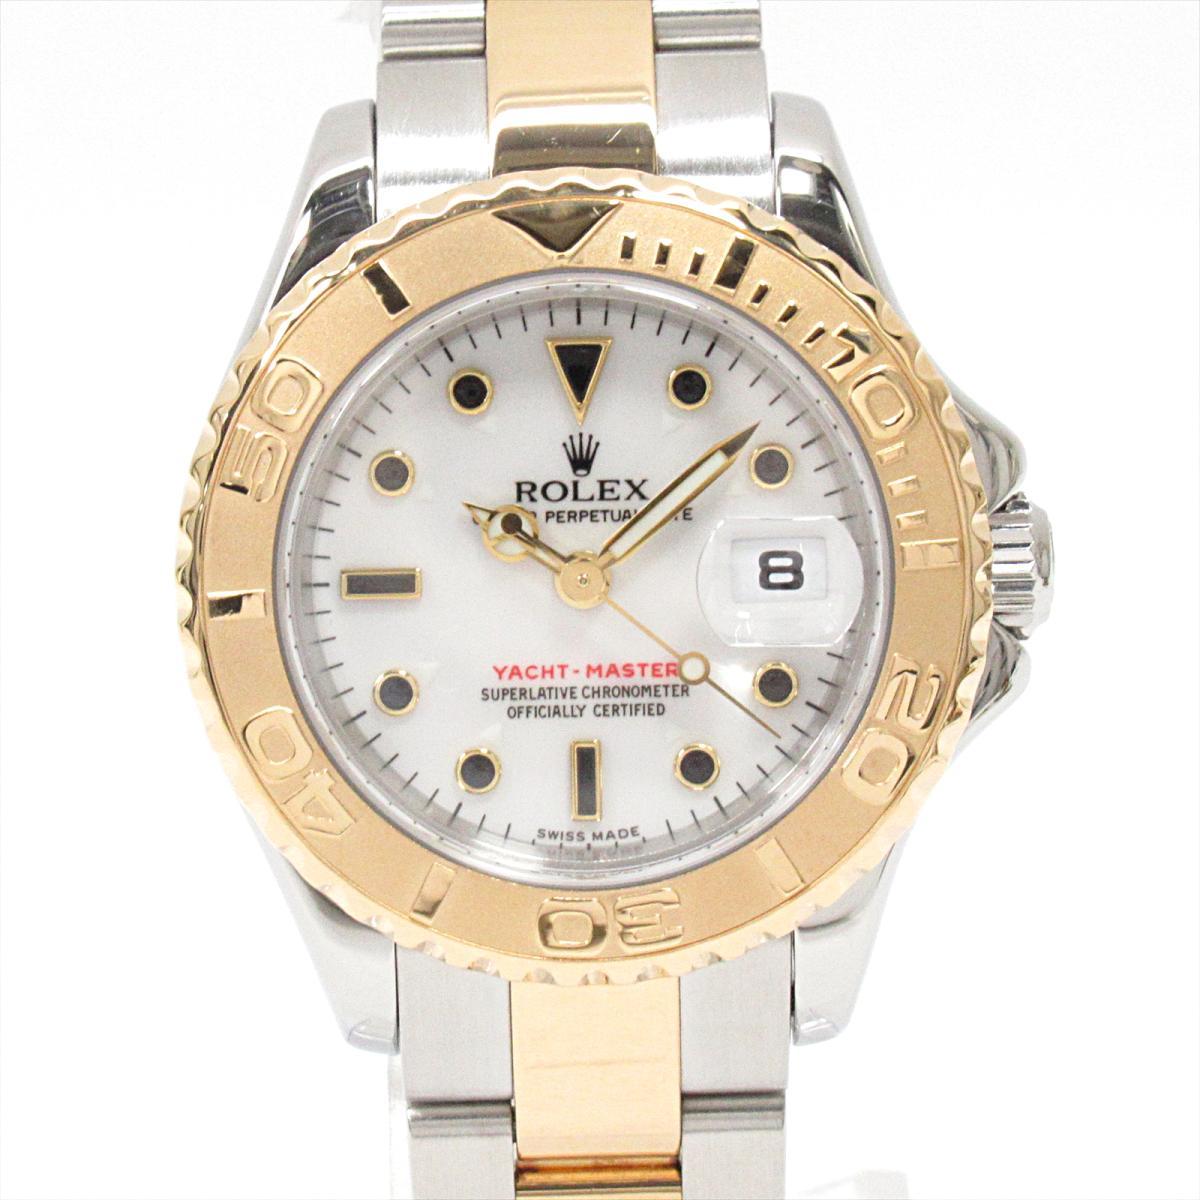 ≪期間限定≫メルマガ登録でクーポンGET! 【中古】 ロレックス ヨットマスター 腕時計 ウォッチ レディース ステンレススチール (SS) K18YG (イエローゴールド) (169623) | ROLEX BRANDOFF ブランドオフ ブランド ブランド時計 ブランド腕時計 時計